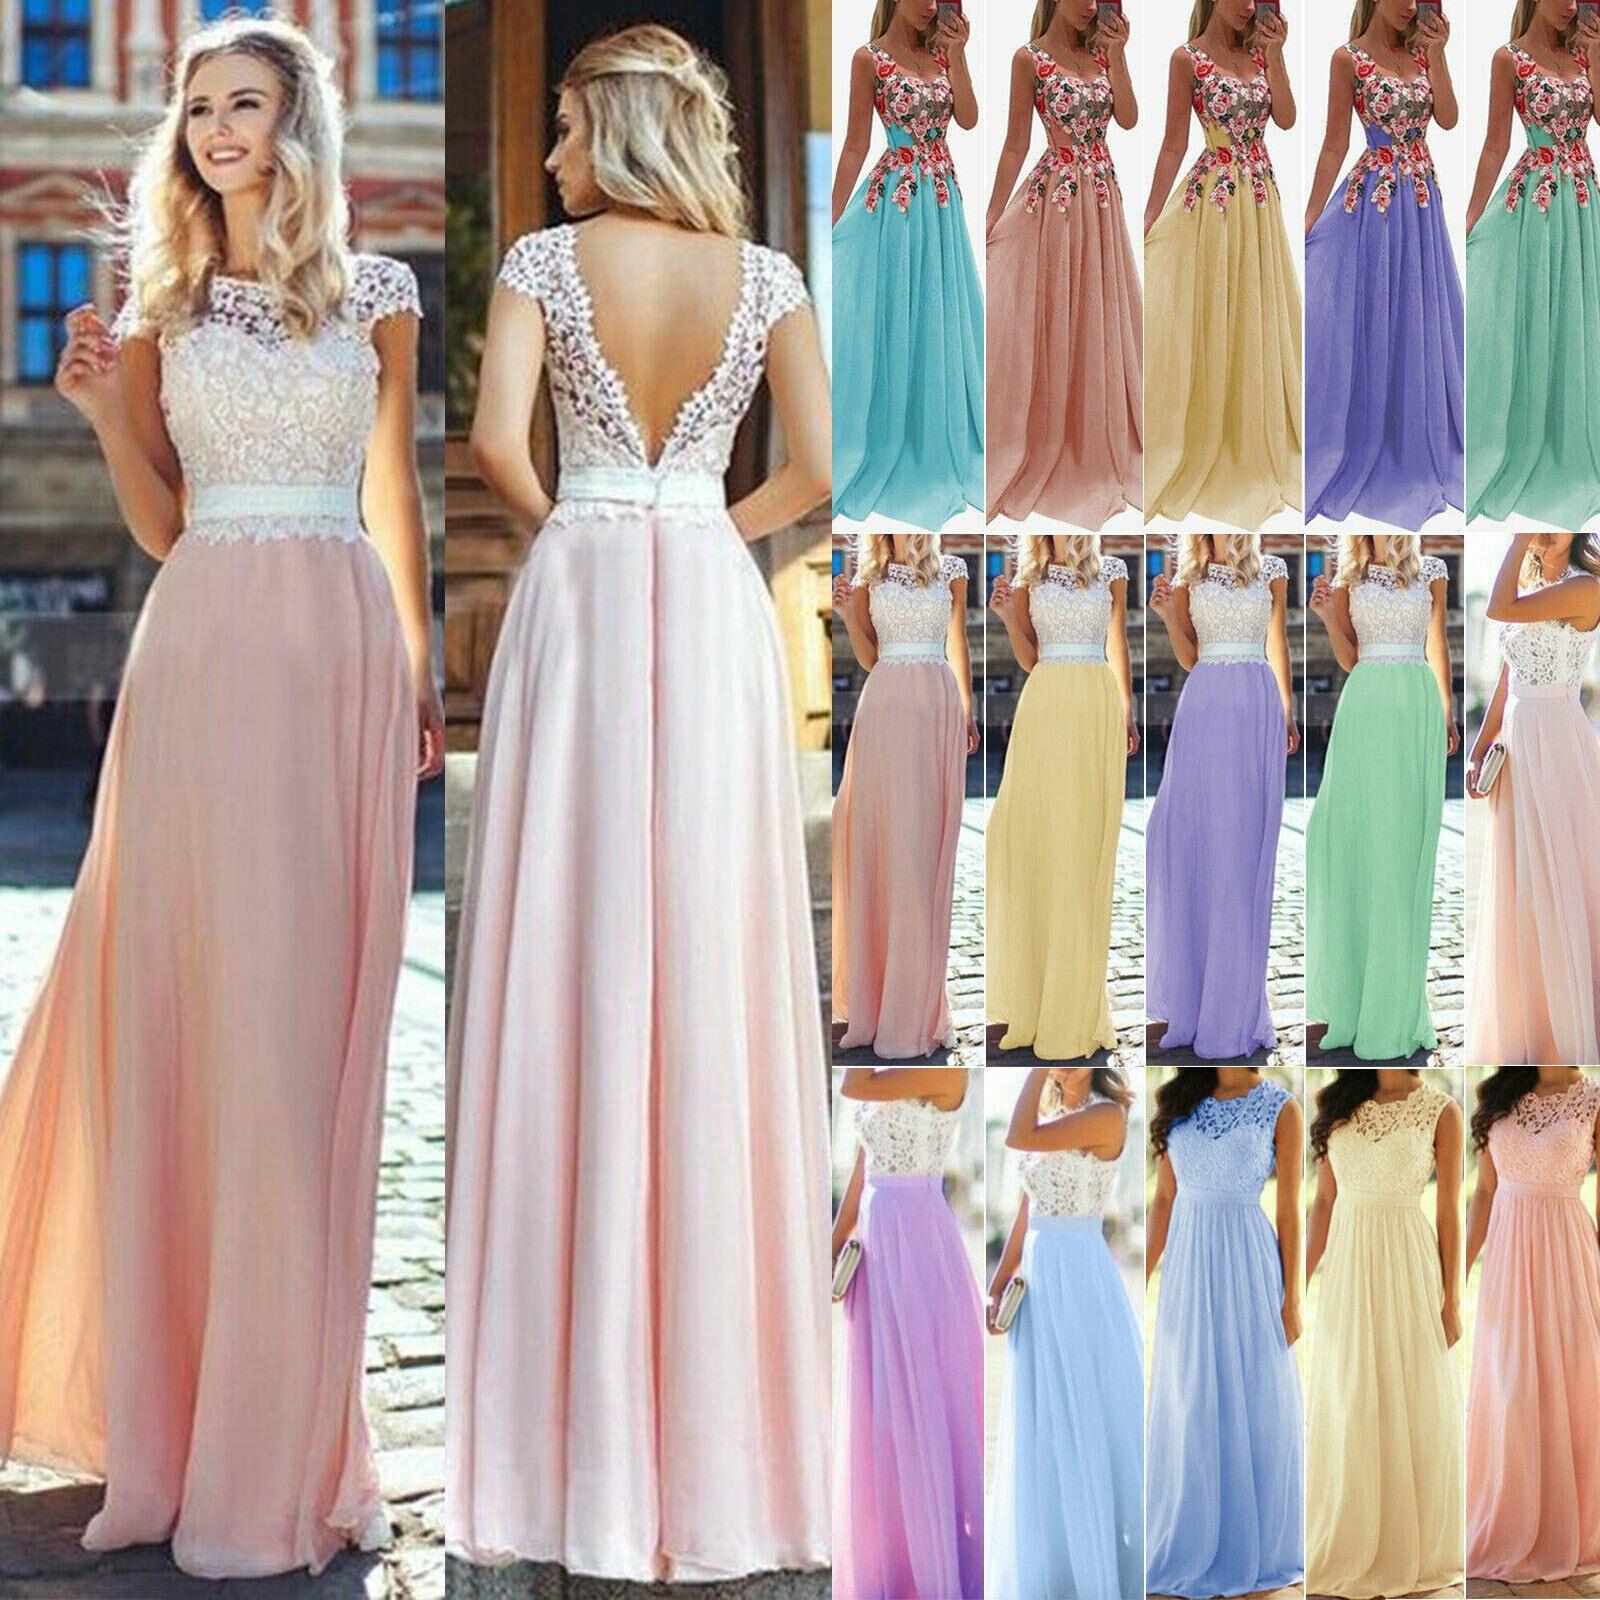 Formal Coolste Abend Dress Girl für 2019Abend Luxurius Abend Dress Girl Vertrieb